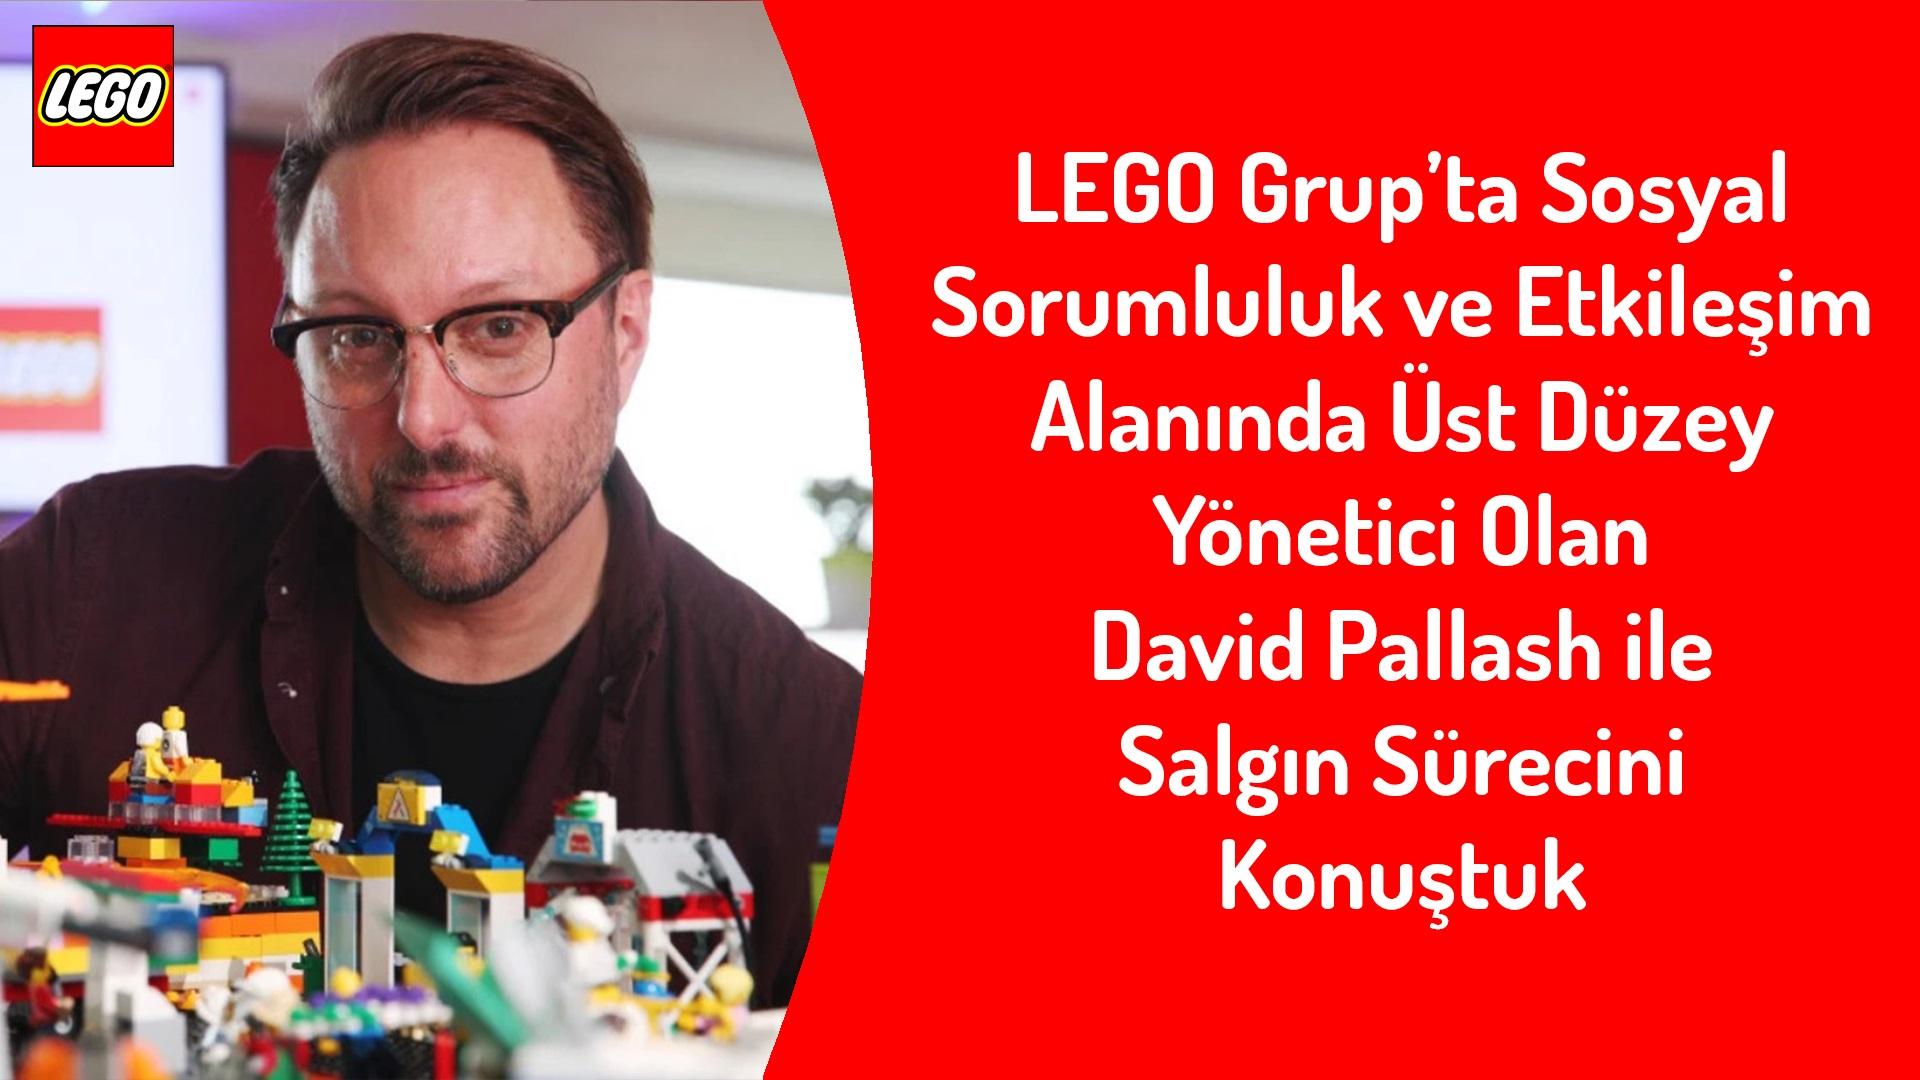 Lego ile Pandemi Döneminde Evdeki Ebeveynlere ve Çocuklara Destek Olmayı Konuştuk